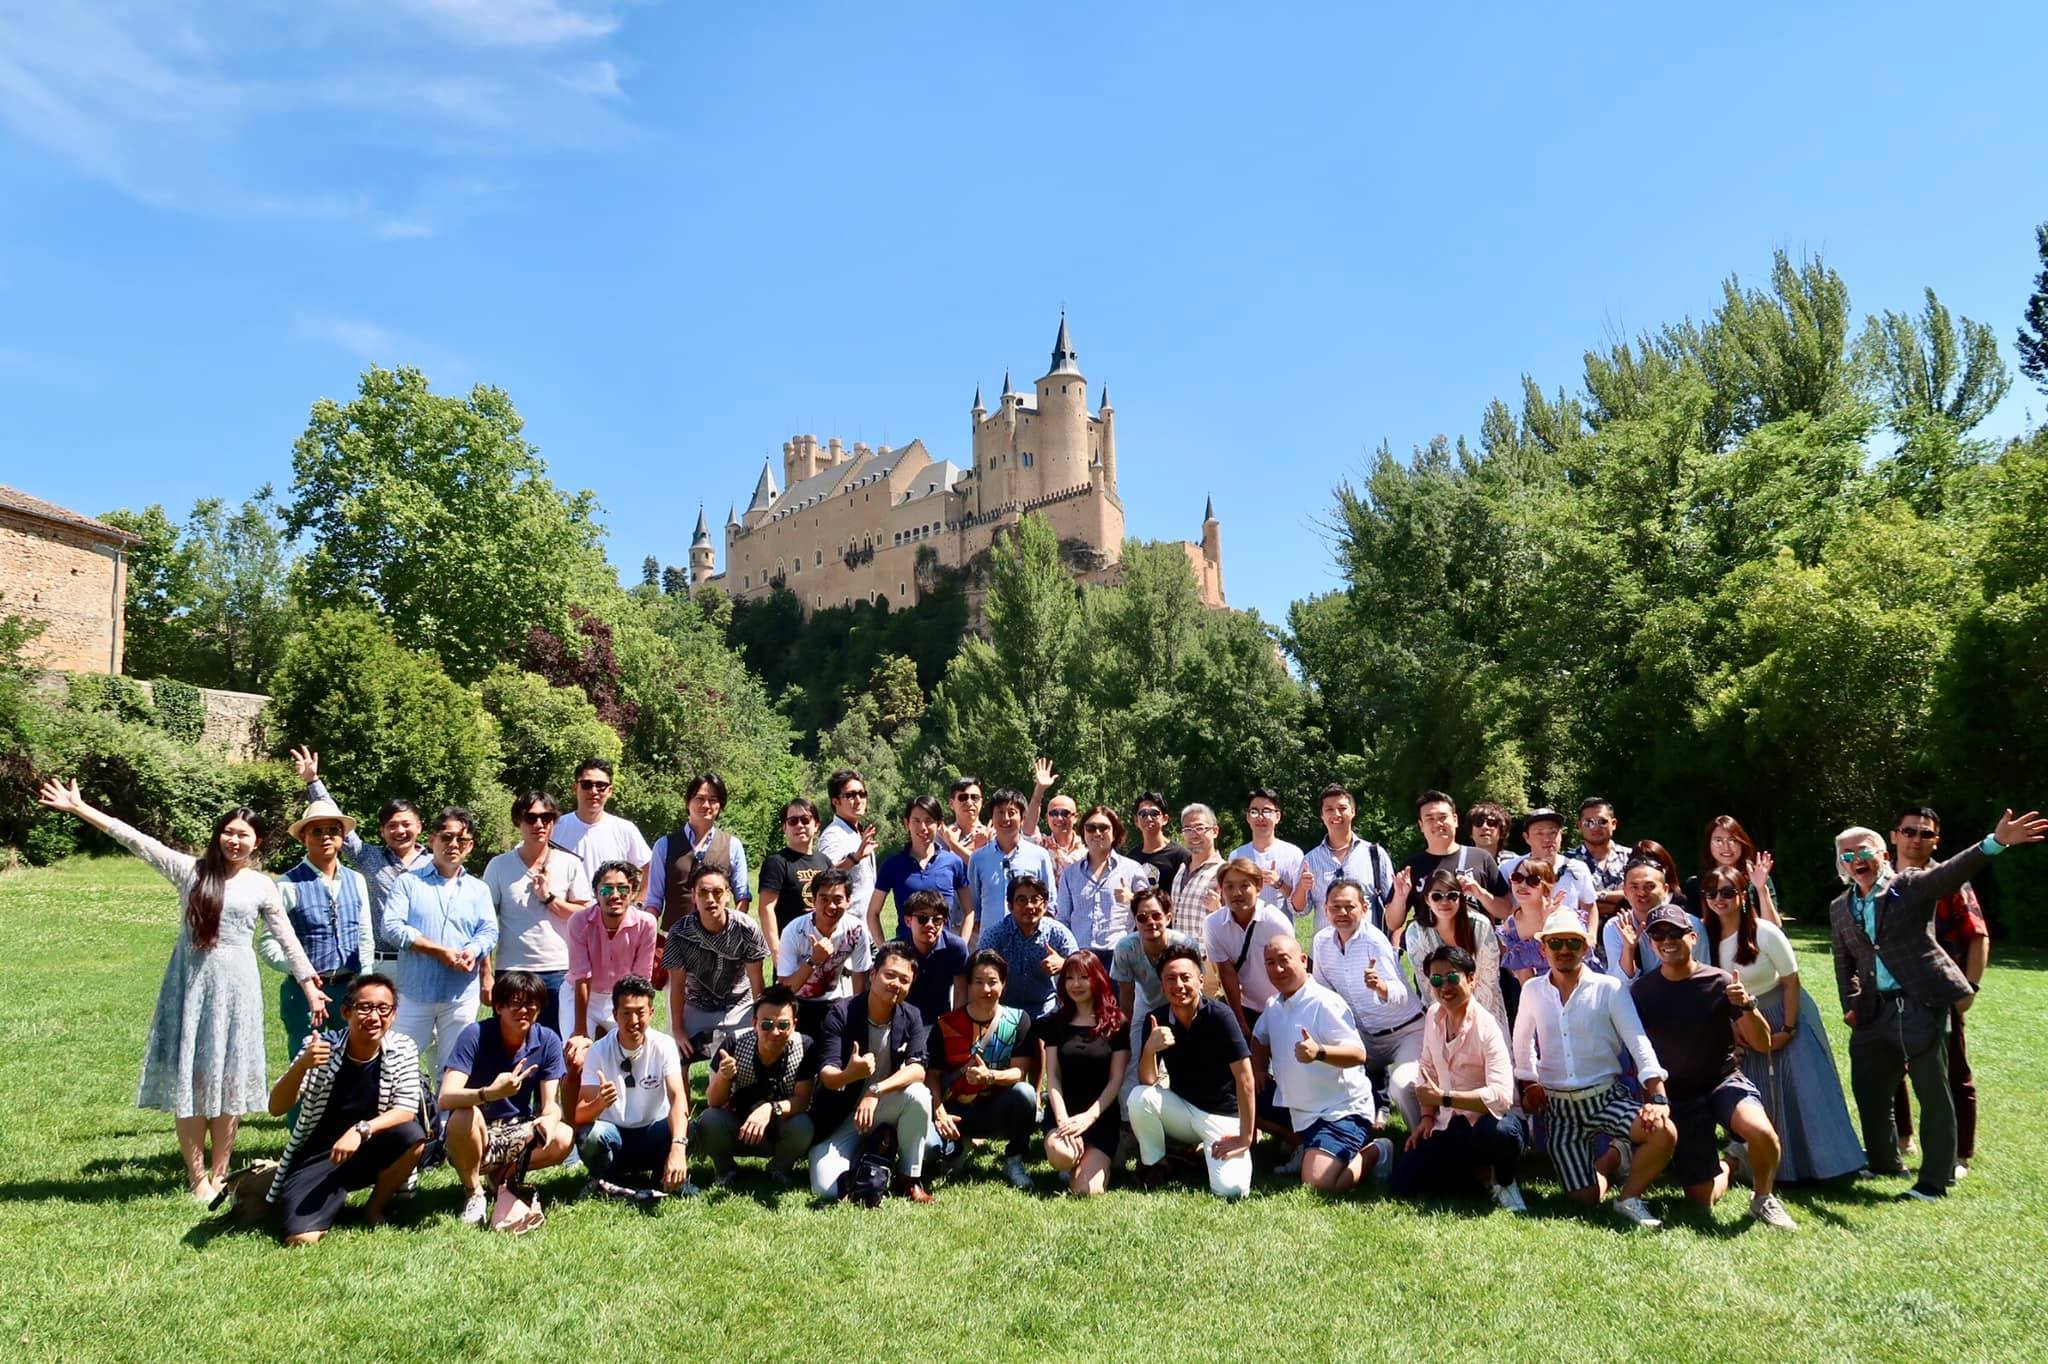 スペイン旅行レポ,古代遺跡,トレド,セゴビア,感想